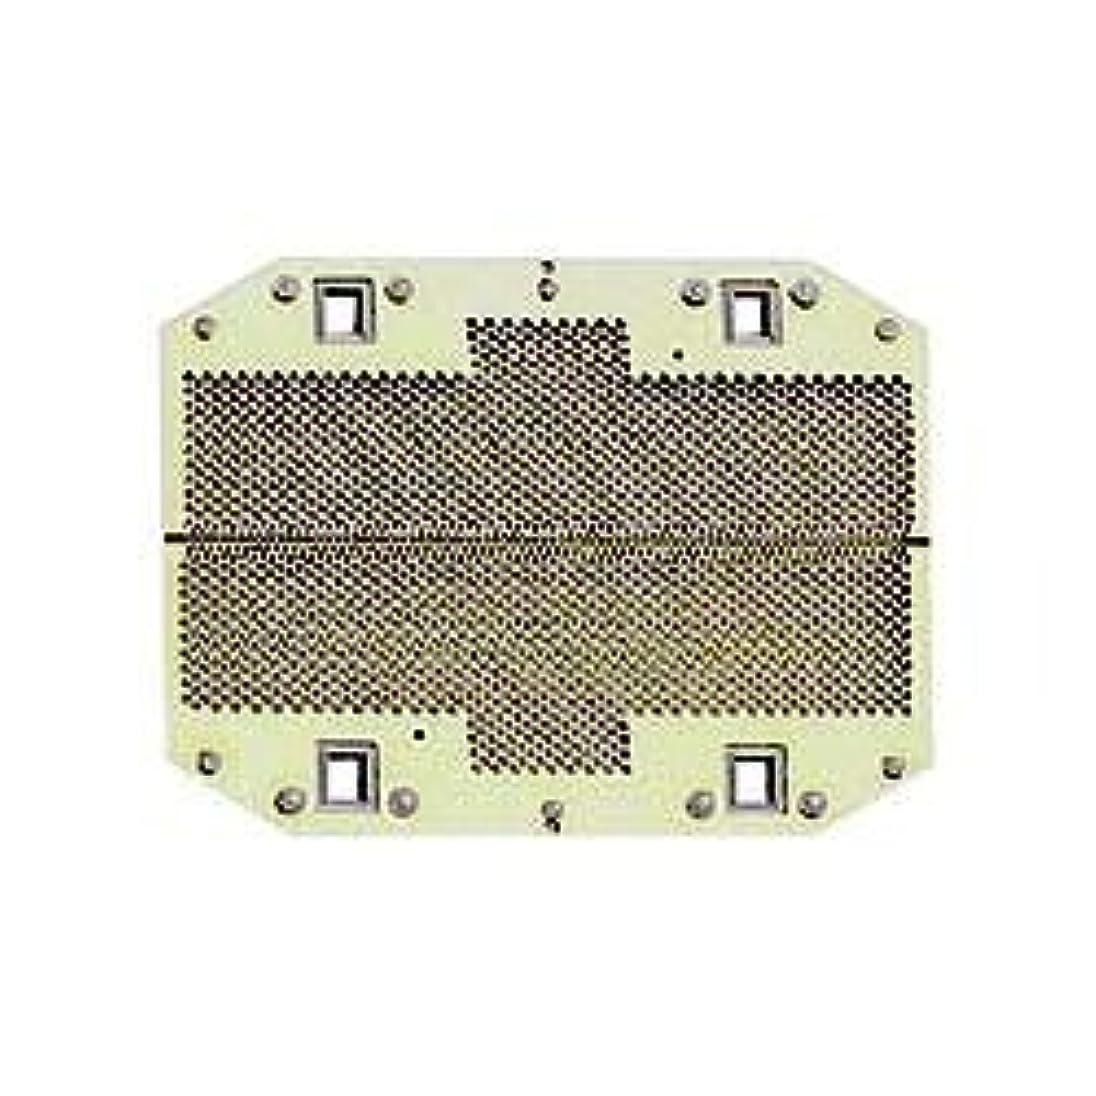 コモランマウォルターカニンガム振り返るパナソニック 替刃 メンズシェーバー用 外刃 ES9973